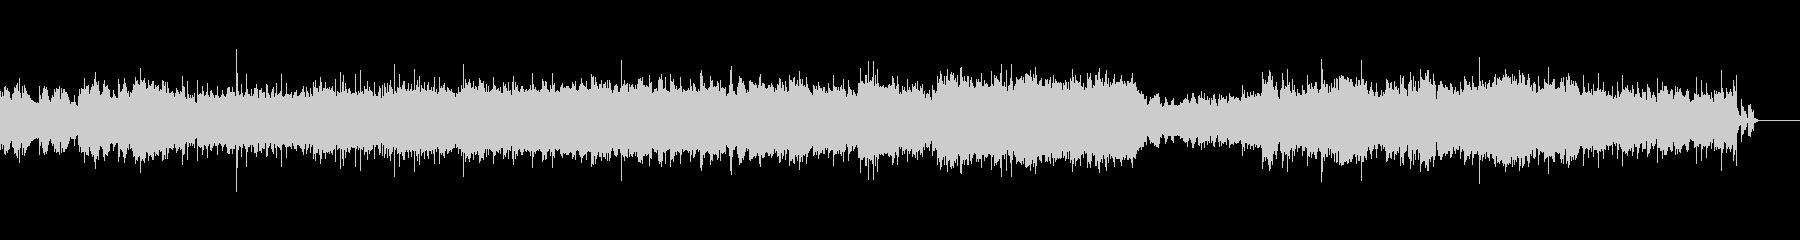 エレキギターと不協和音シンセBGMの未再生の波形